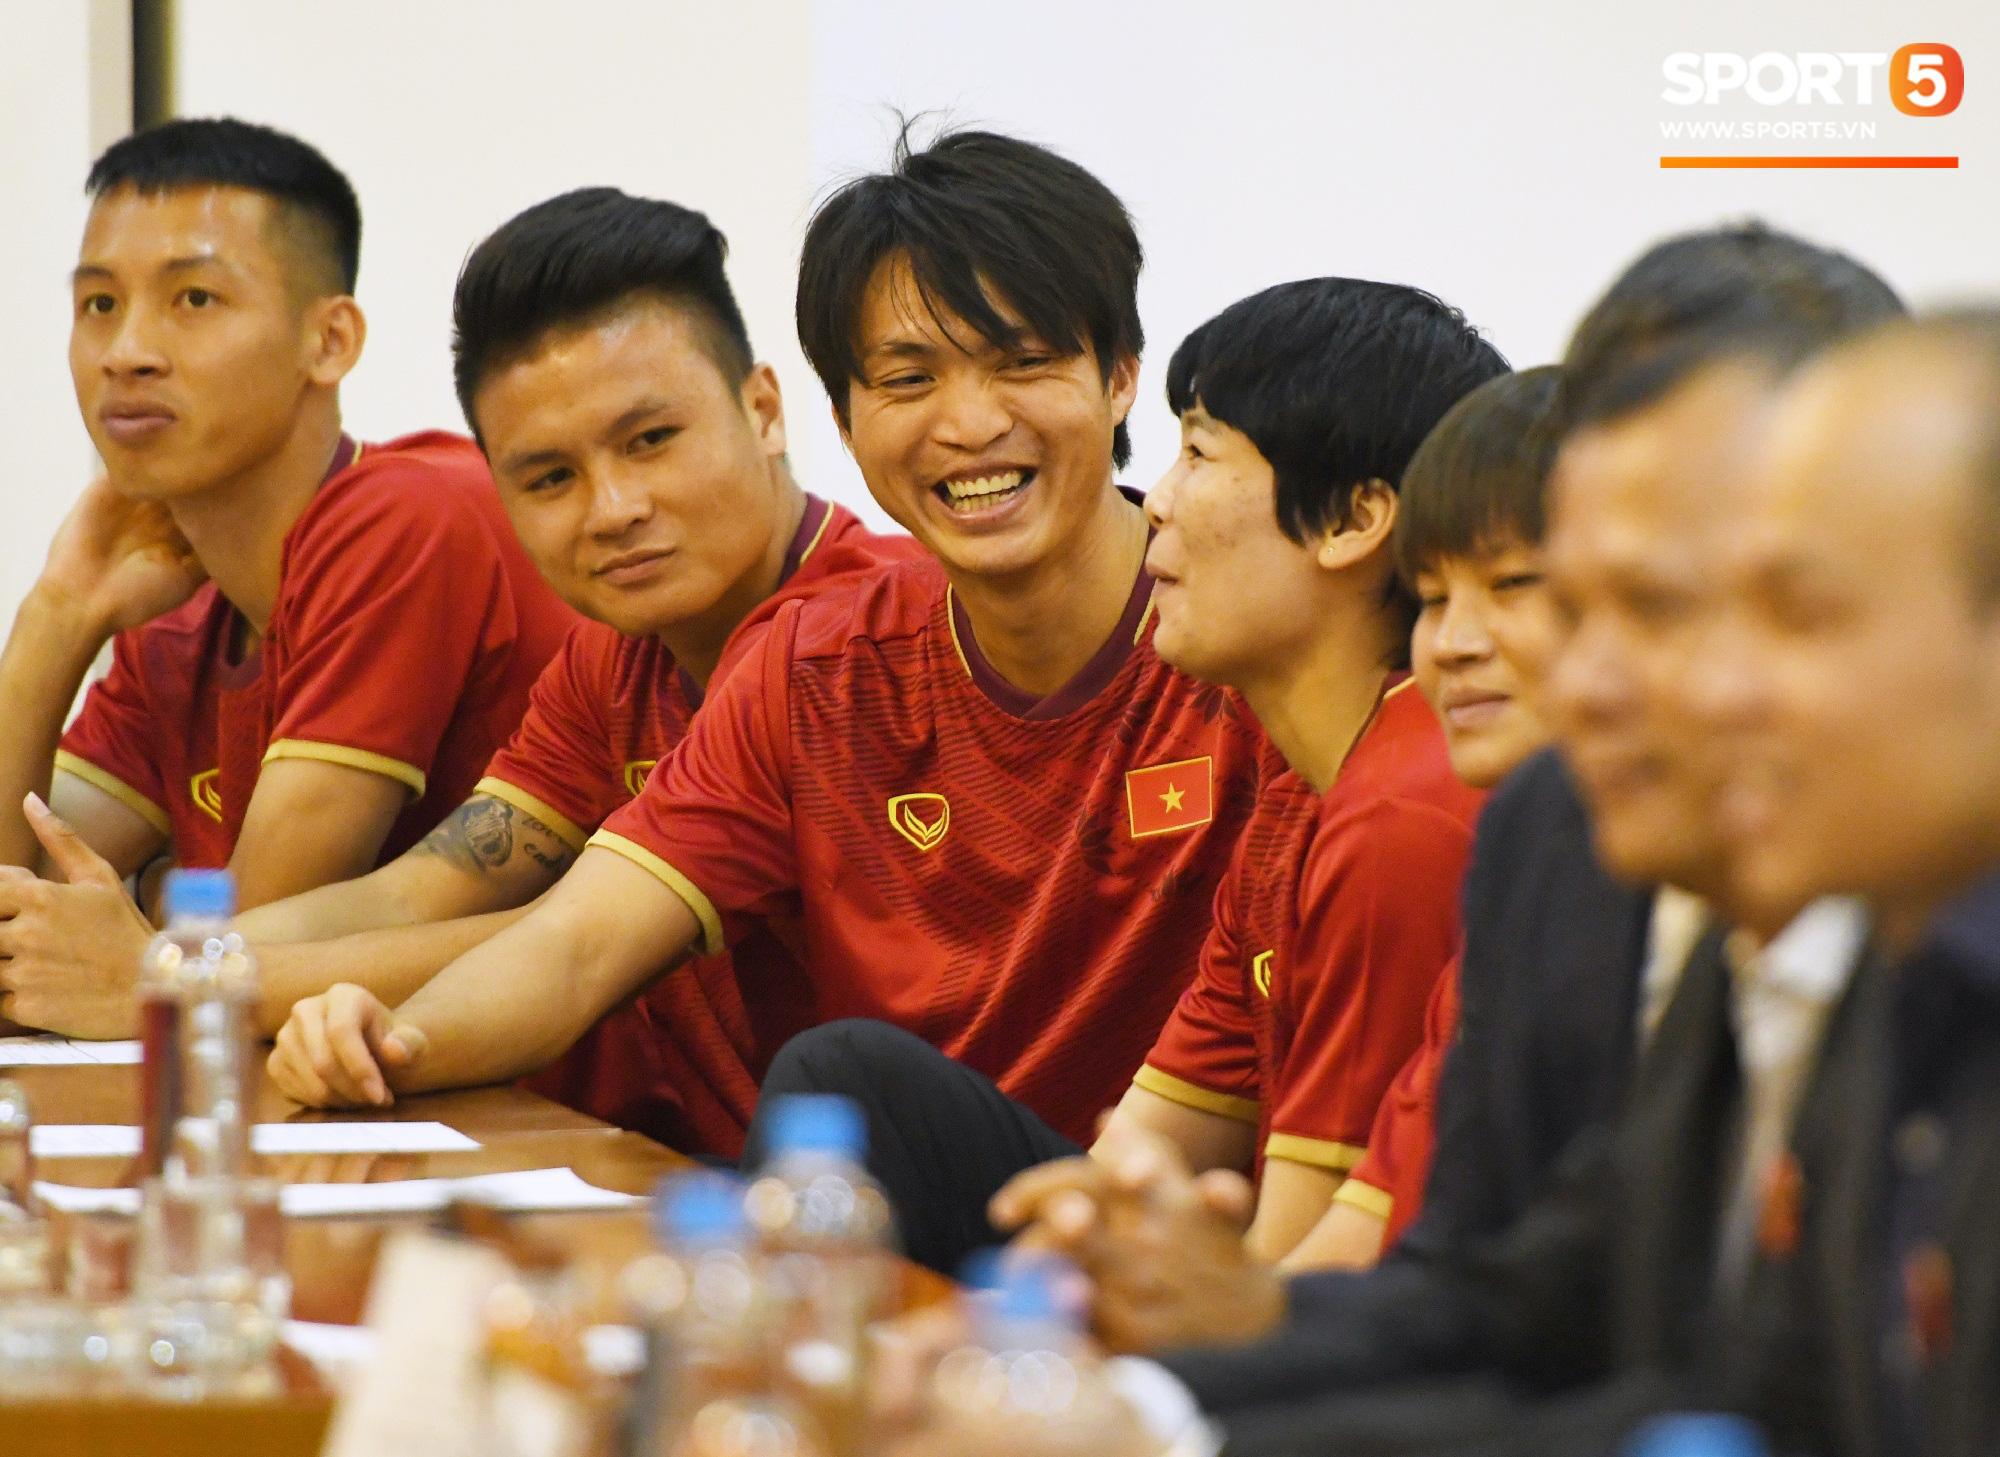 Tuấn Anh tán gẫu cực vui cùng các nữ tuyển thủ, Quang Hải gặp sự cố lạc đường hài hước trong phòng họp báo - Ảnh 2.